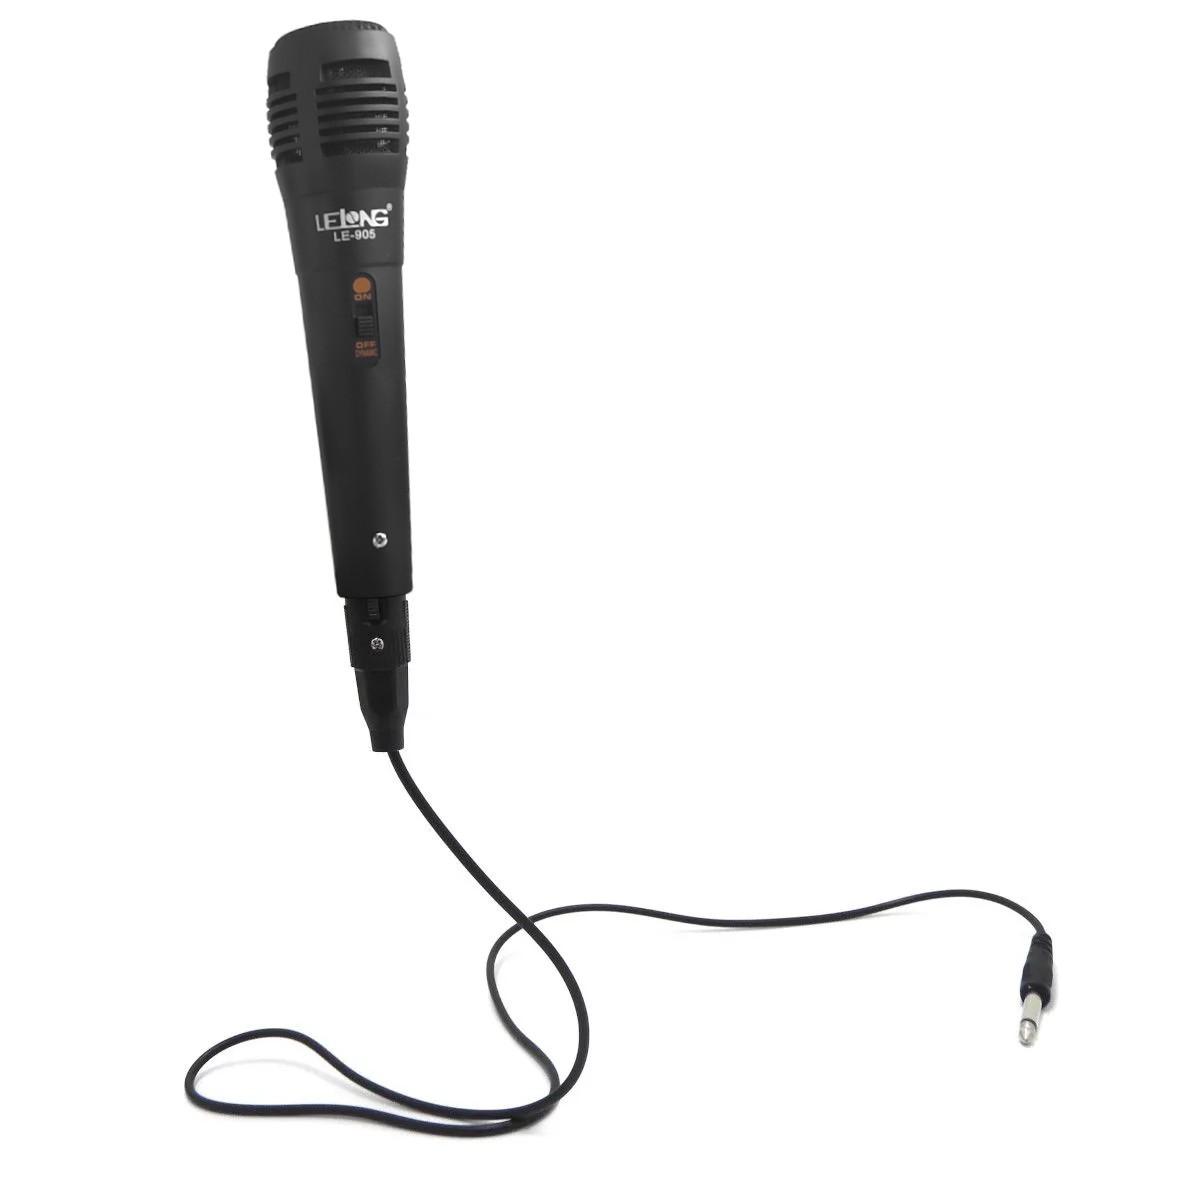 Microfone com Fio 2,5m P10 Para Karaoke Ótima Qualidade